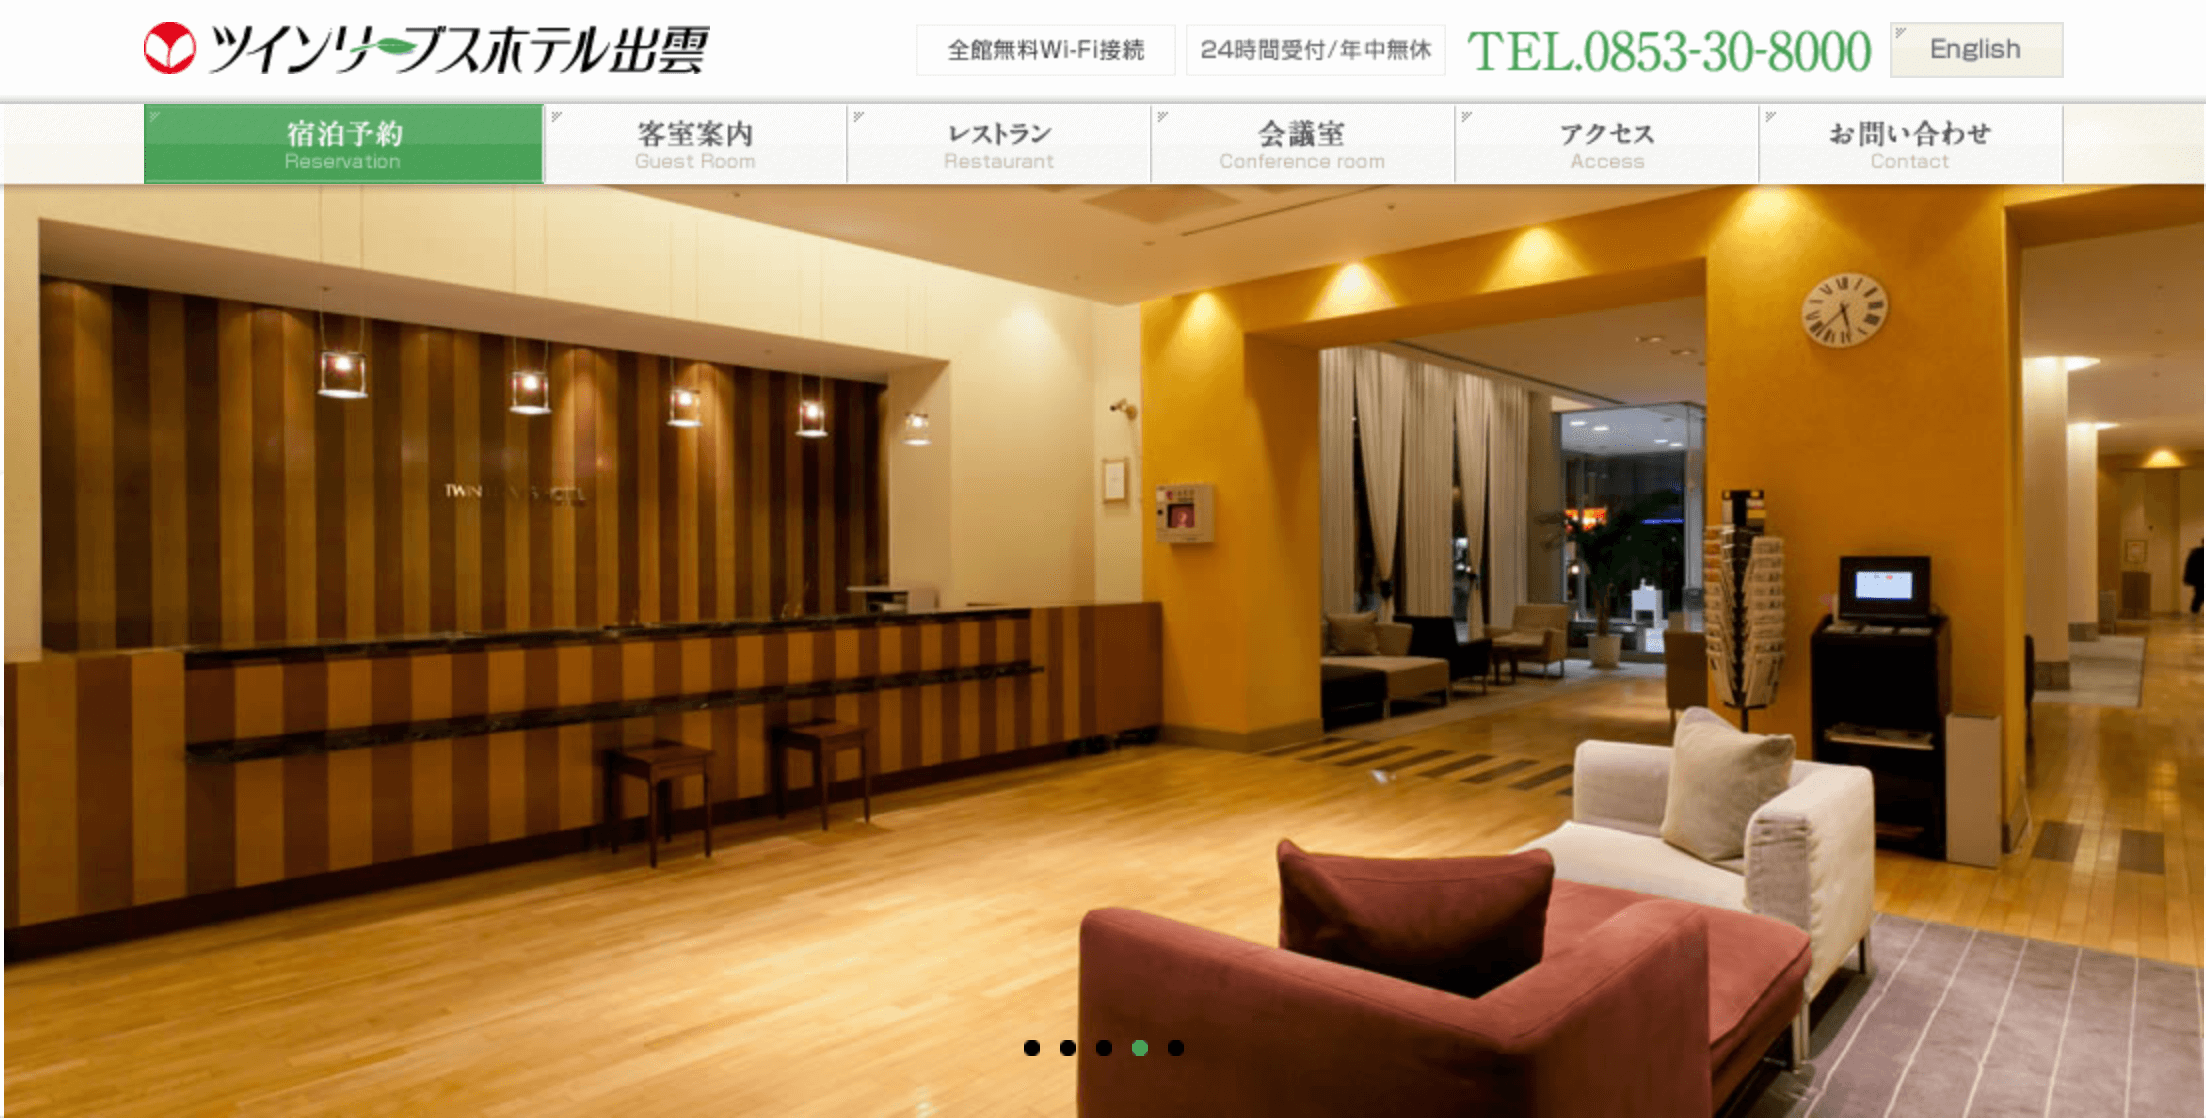 島根でパパ活におすすめなホテル「ツインリーブスホテル出雲」